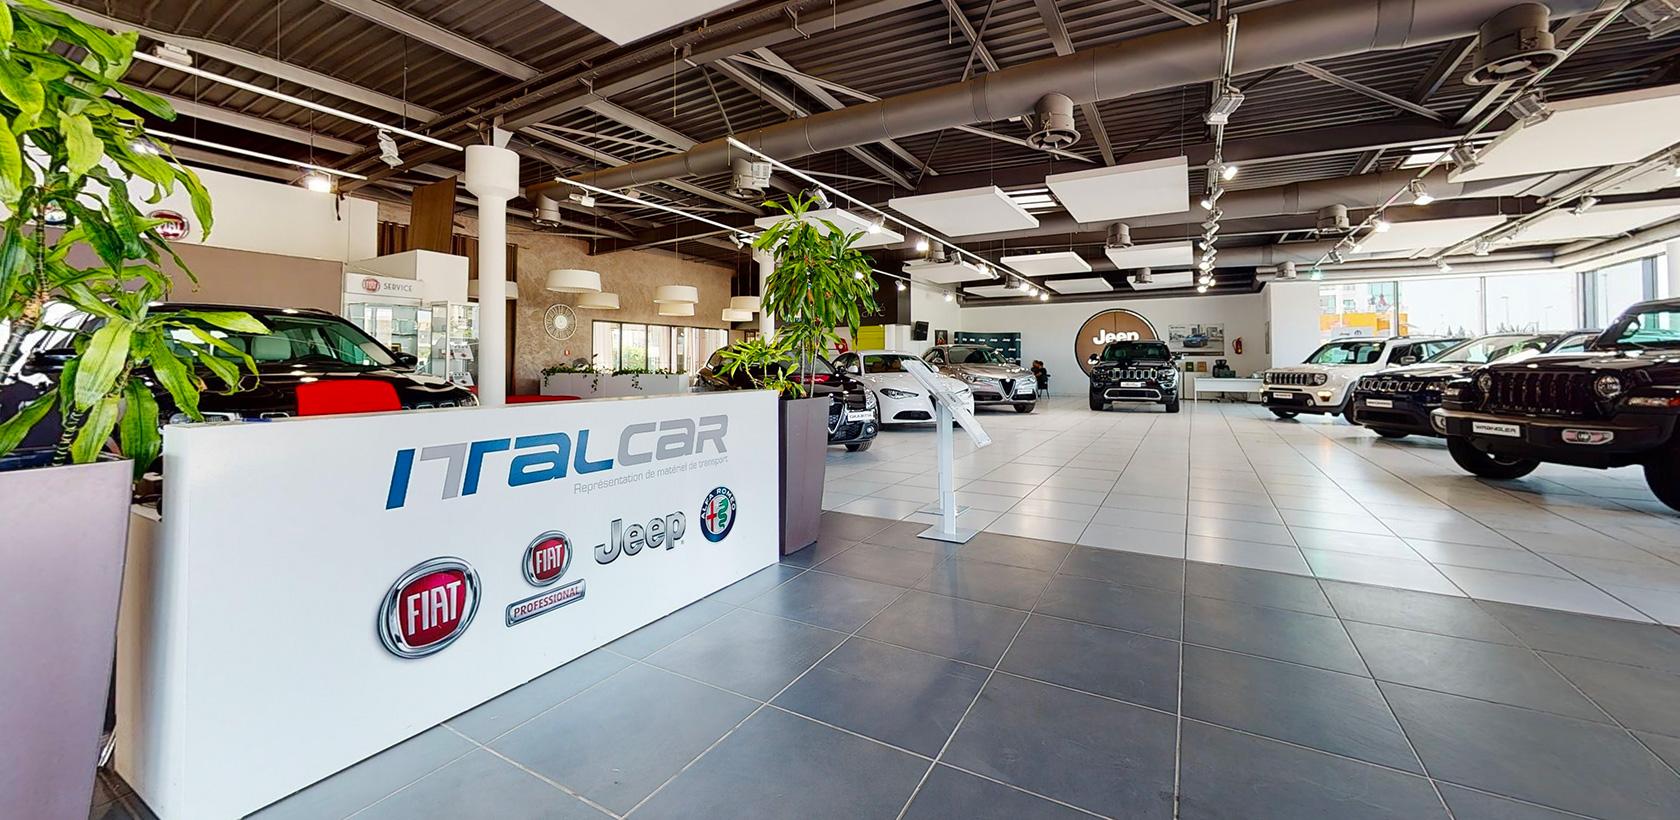 ITALCAR enregistre une progression de ses ventes